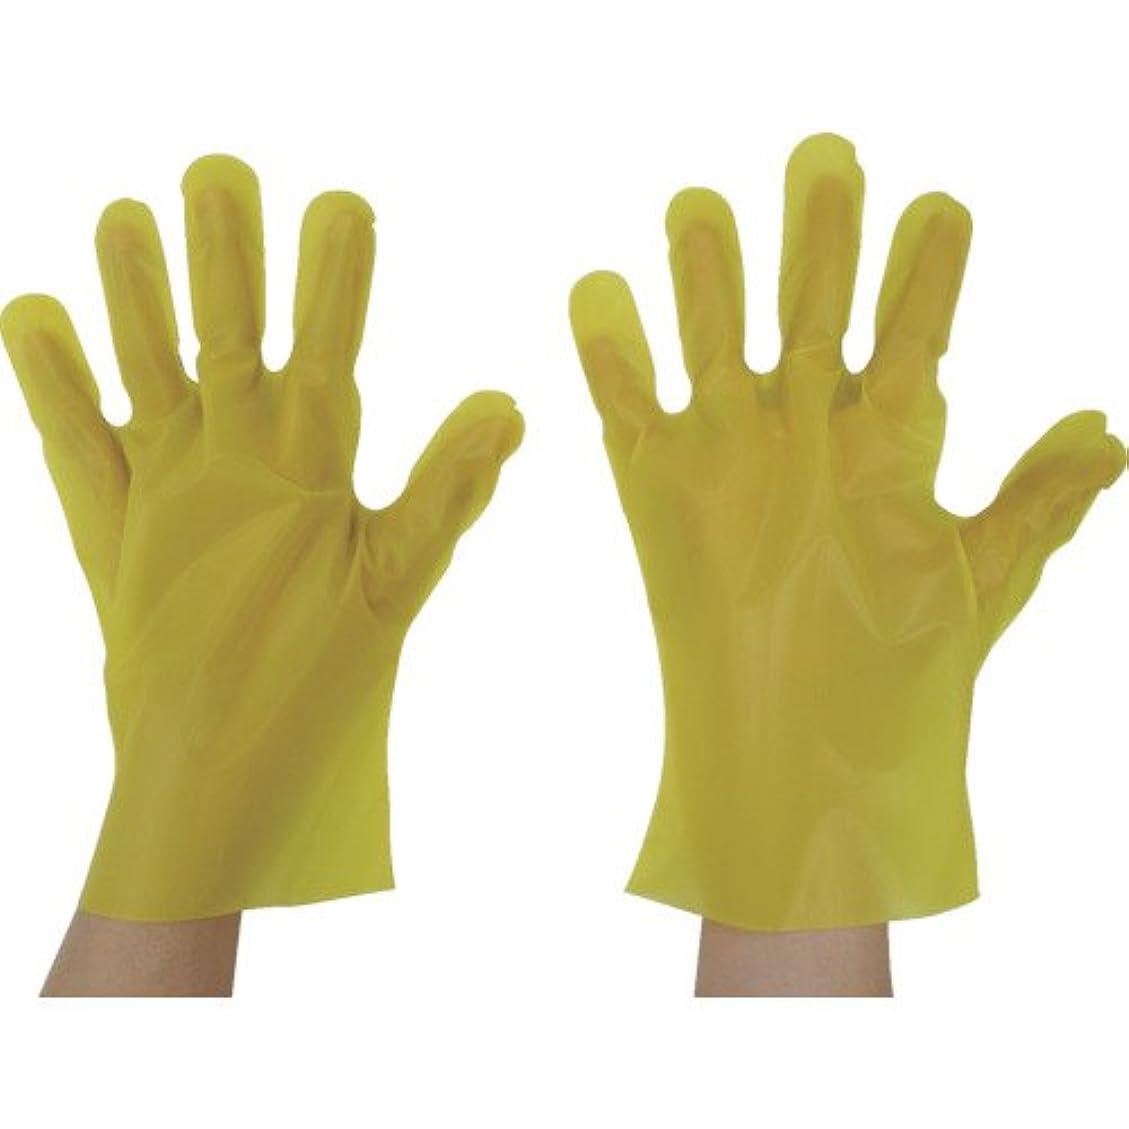 予想外文化予想外東京パック エンボス手袋五本絞りエコノミー化粧箱L イエロー(入数:200枚) YEK-L